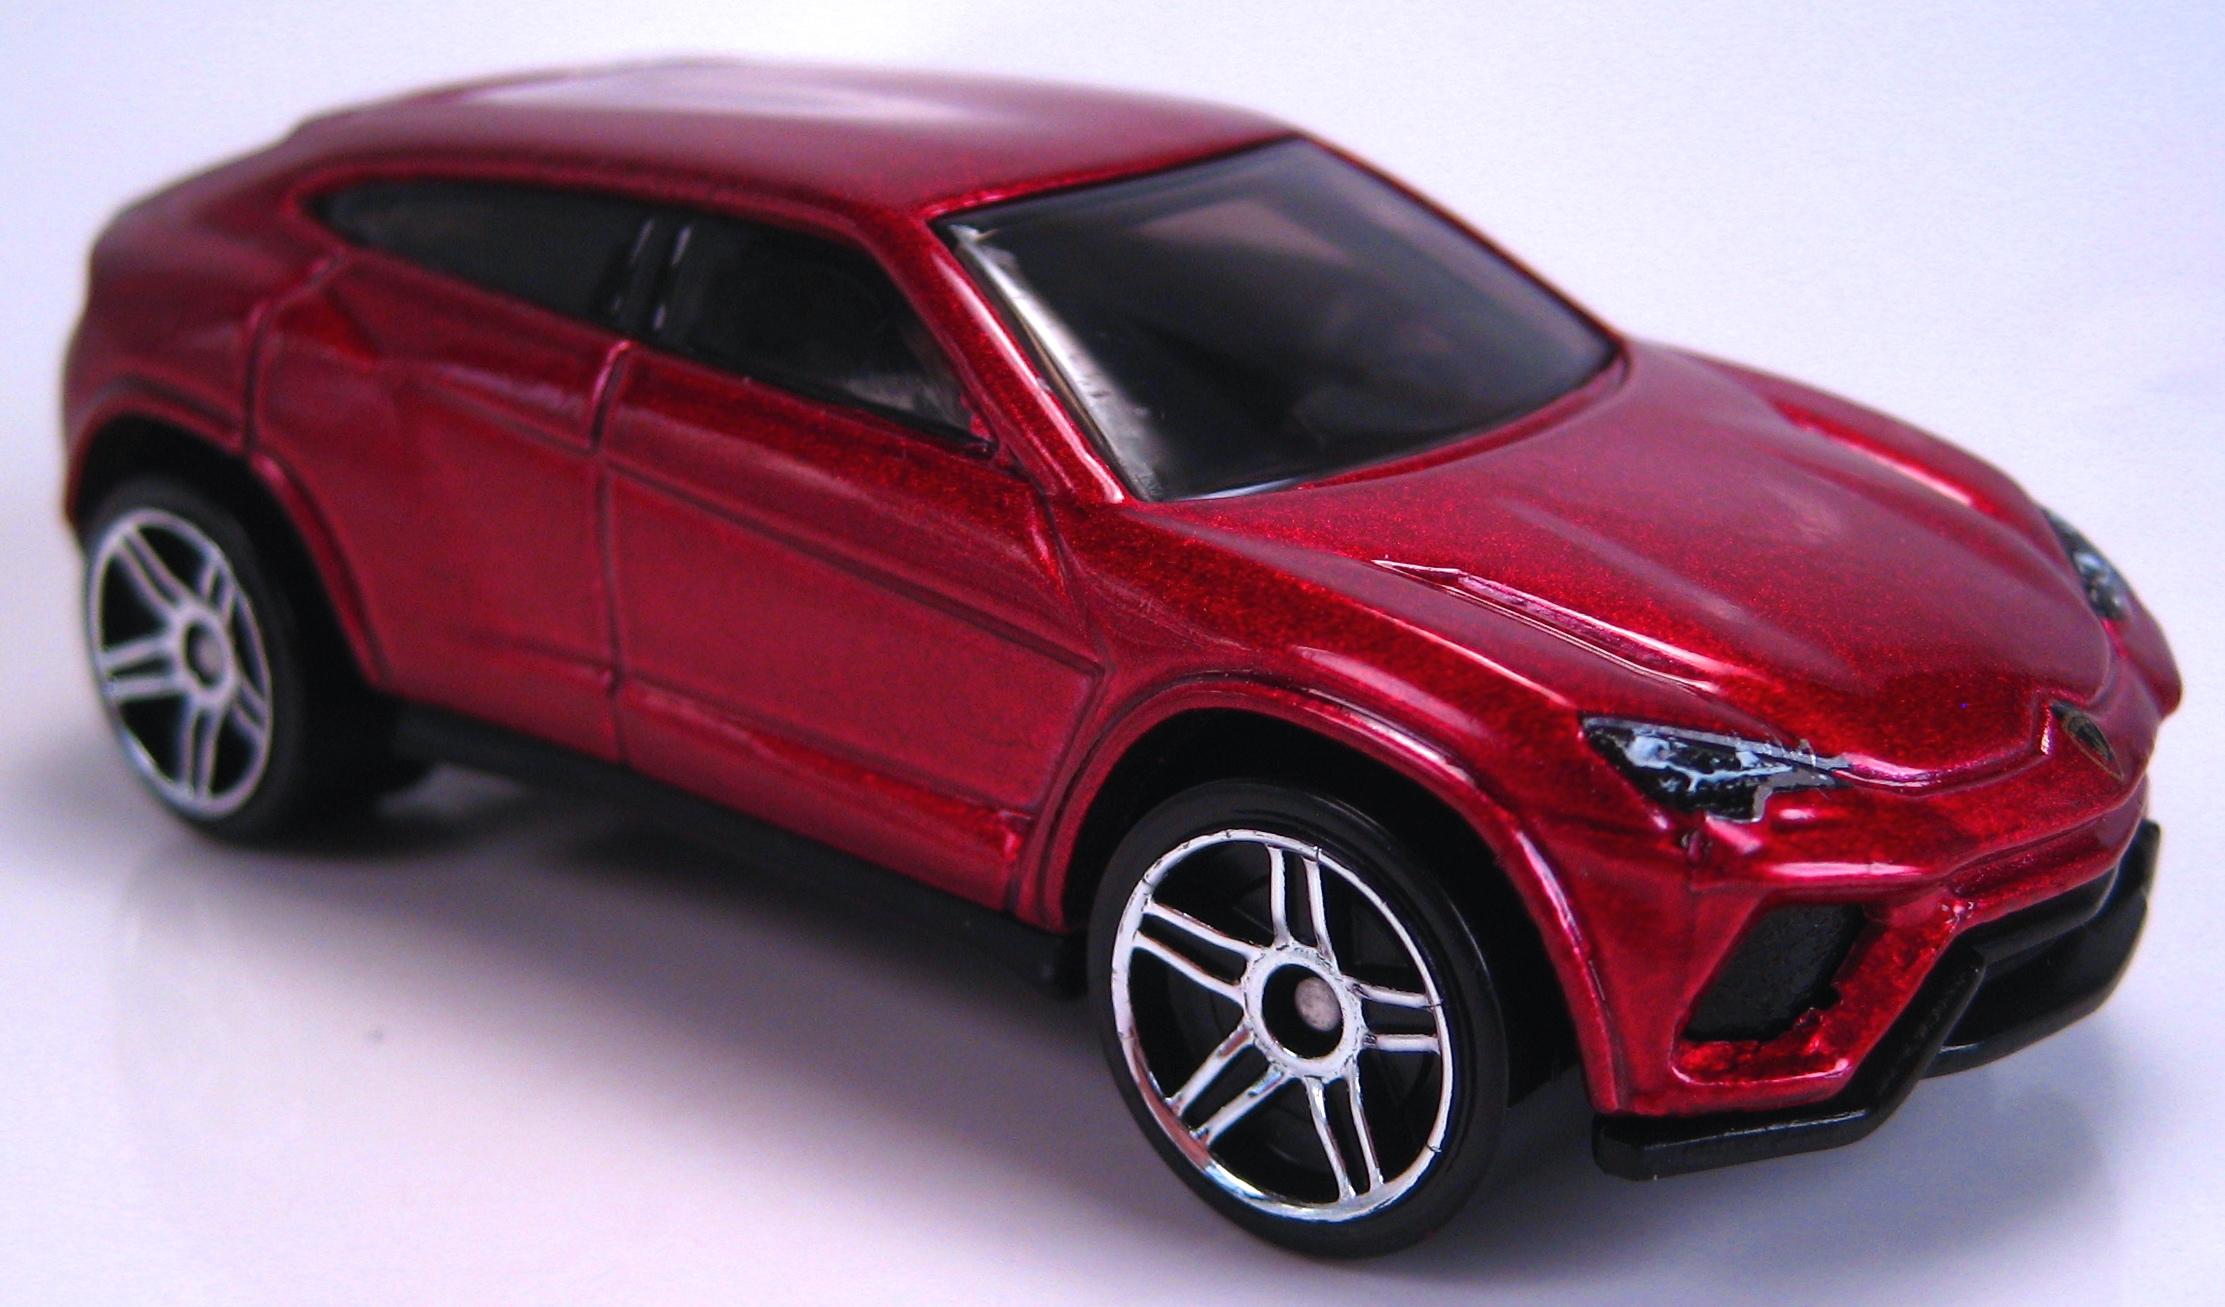 lamborghini-hot-wheels-7-free-car-wallpaper Surprising Lamborghini Gallardo Hot Wheels Wiki Cars Trend